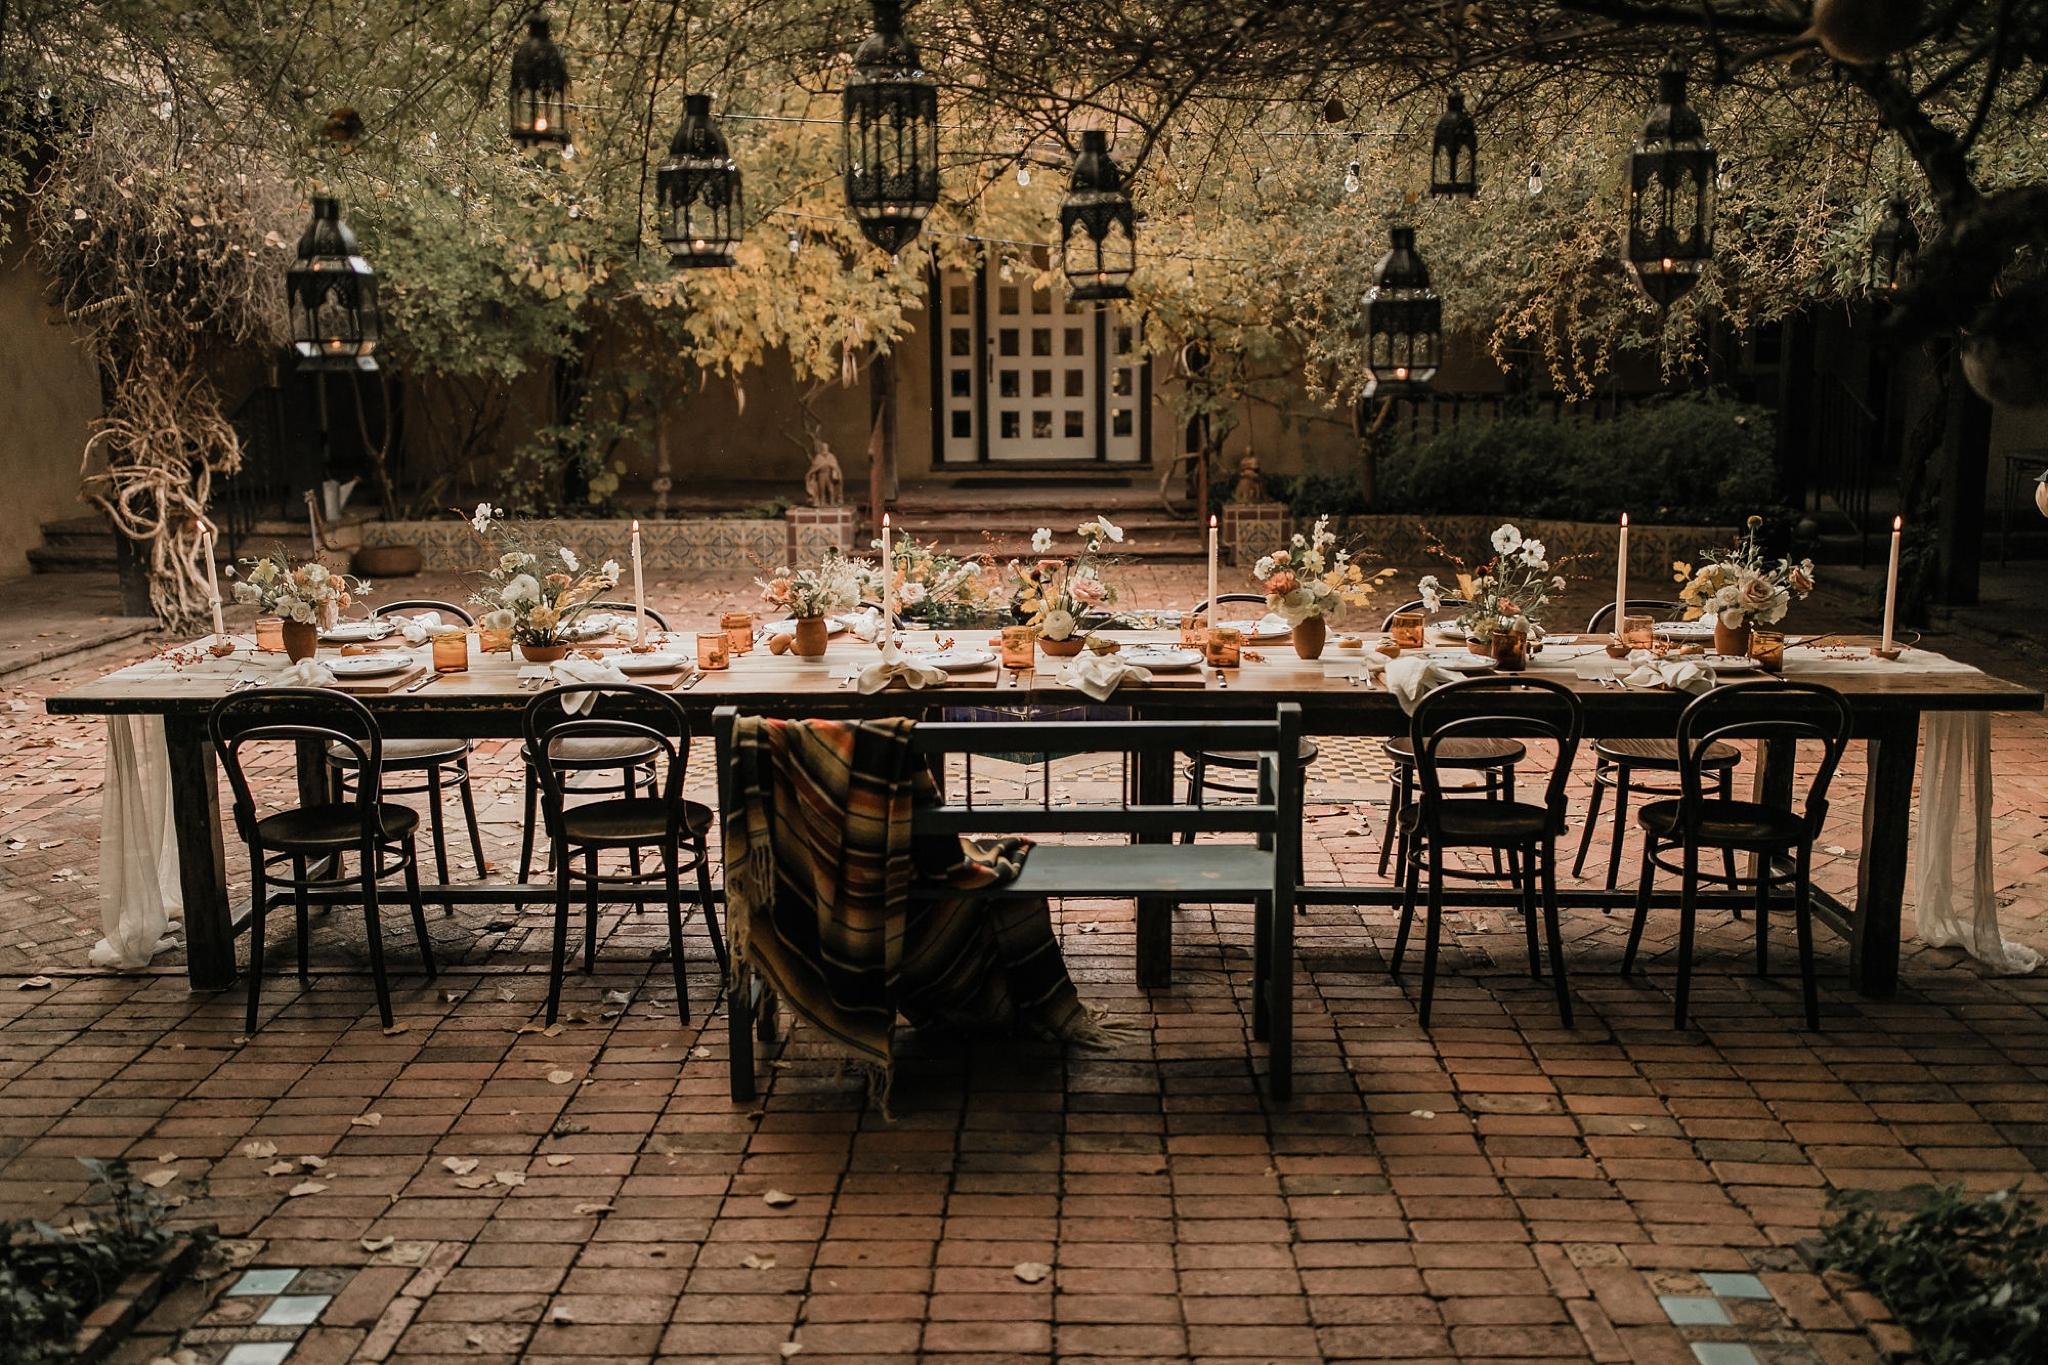 Alicia+lucia+photography+-+albuquerque+wedding+photographer+-+santa+fe+wedding+photography+-+new+mexico+wedding+photographer+-+new+mexico+wedding+-+new+mexico+wedding+-+wedding+planner+-+wedding+rentals+-+new+mexico+wedding+vendor_0001.jpg